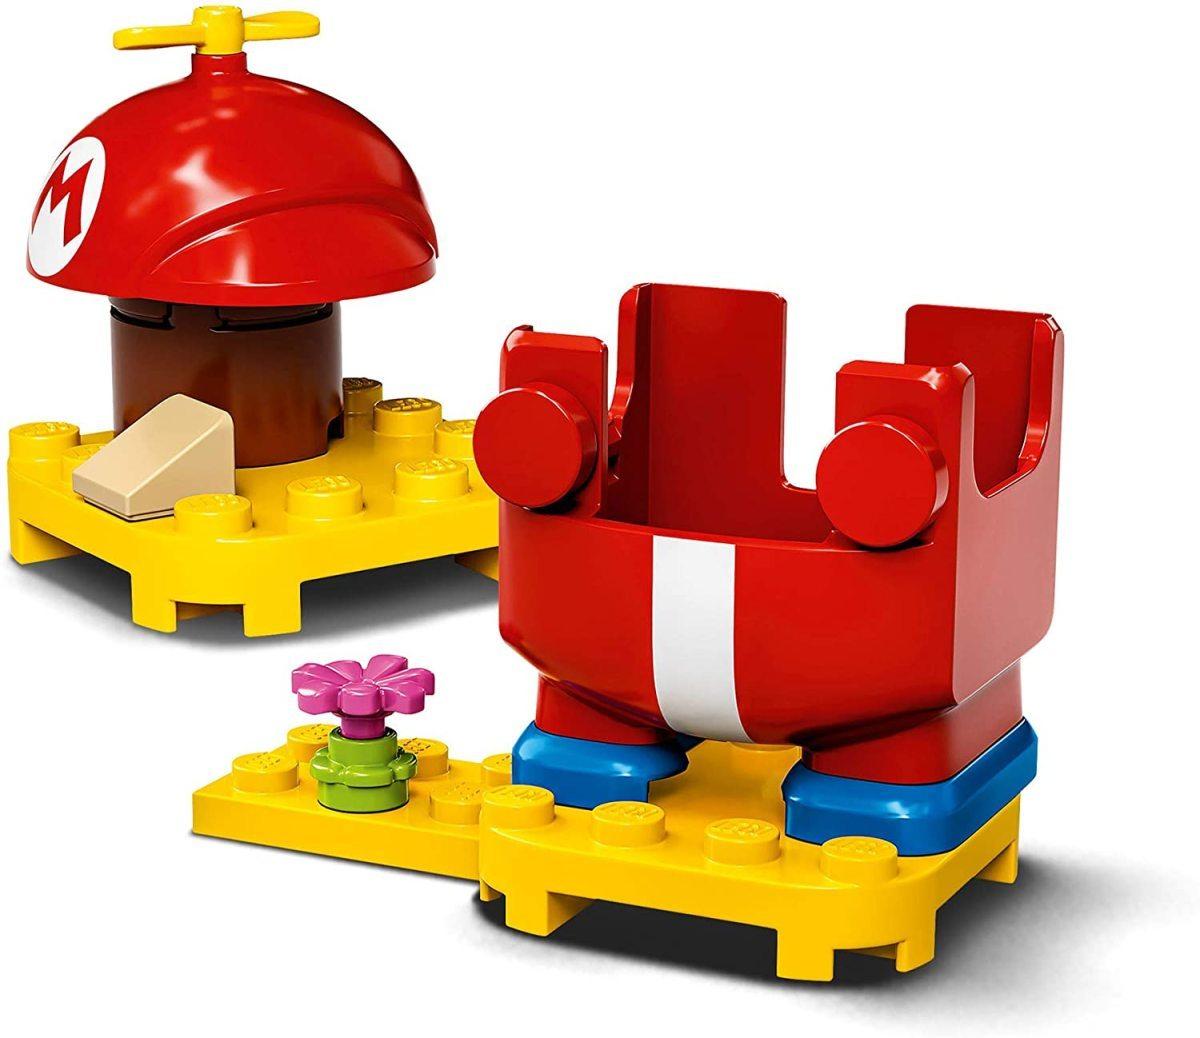 レゴ スーパーマリオ 71371 プロペラマリオ パワーアップ パック LEGO Super Mario_画像2